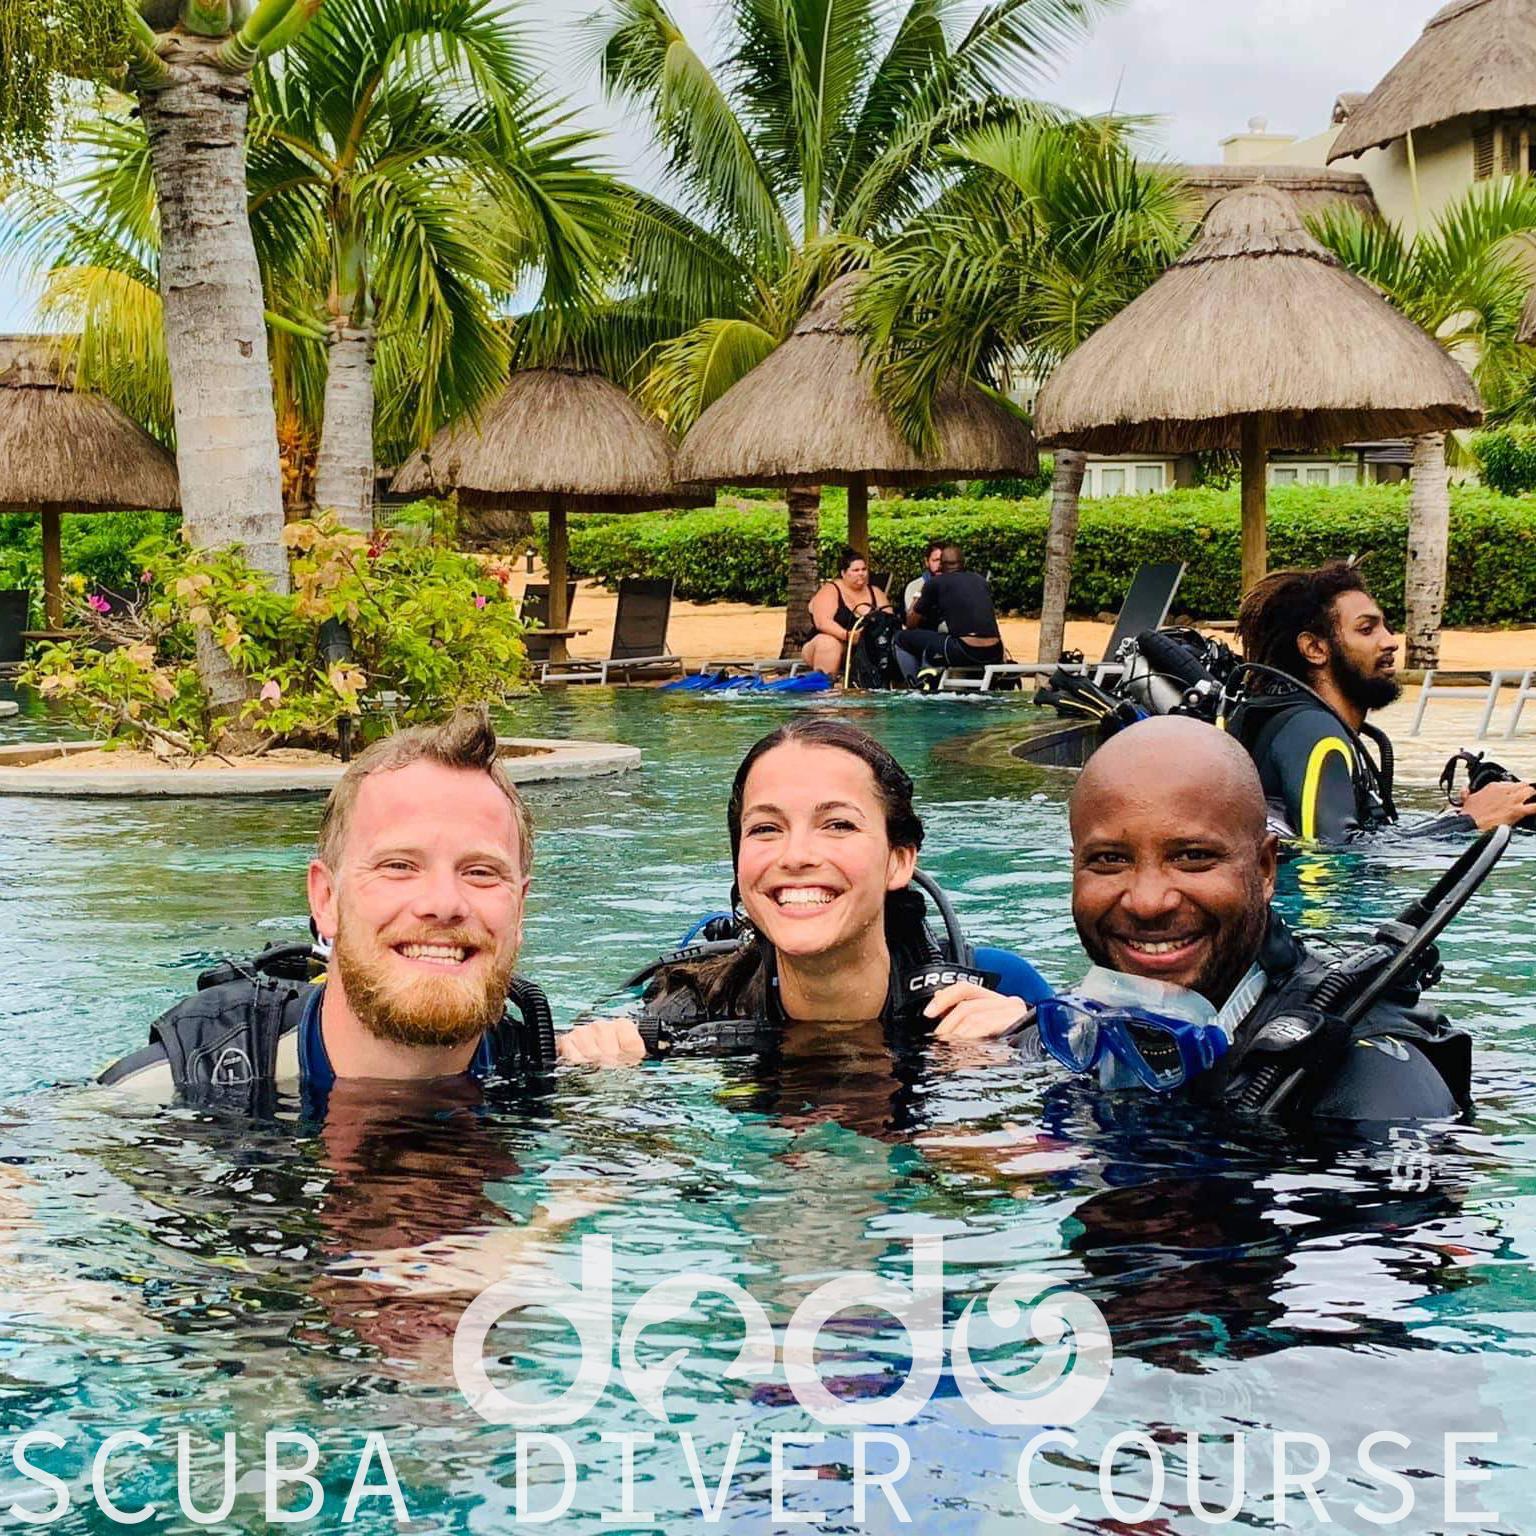 Scuba diver course.png